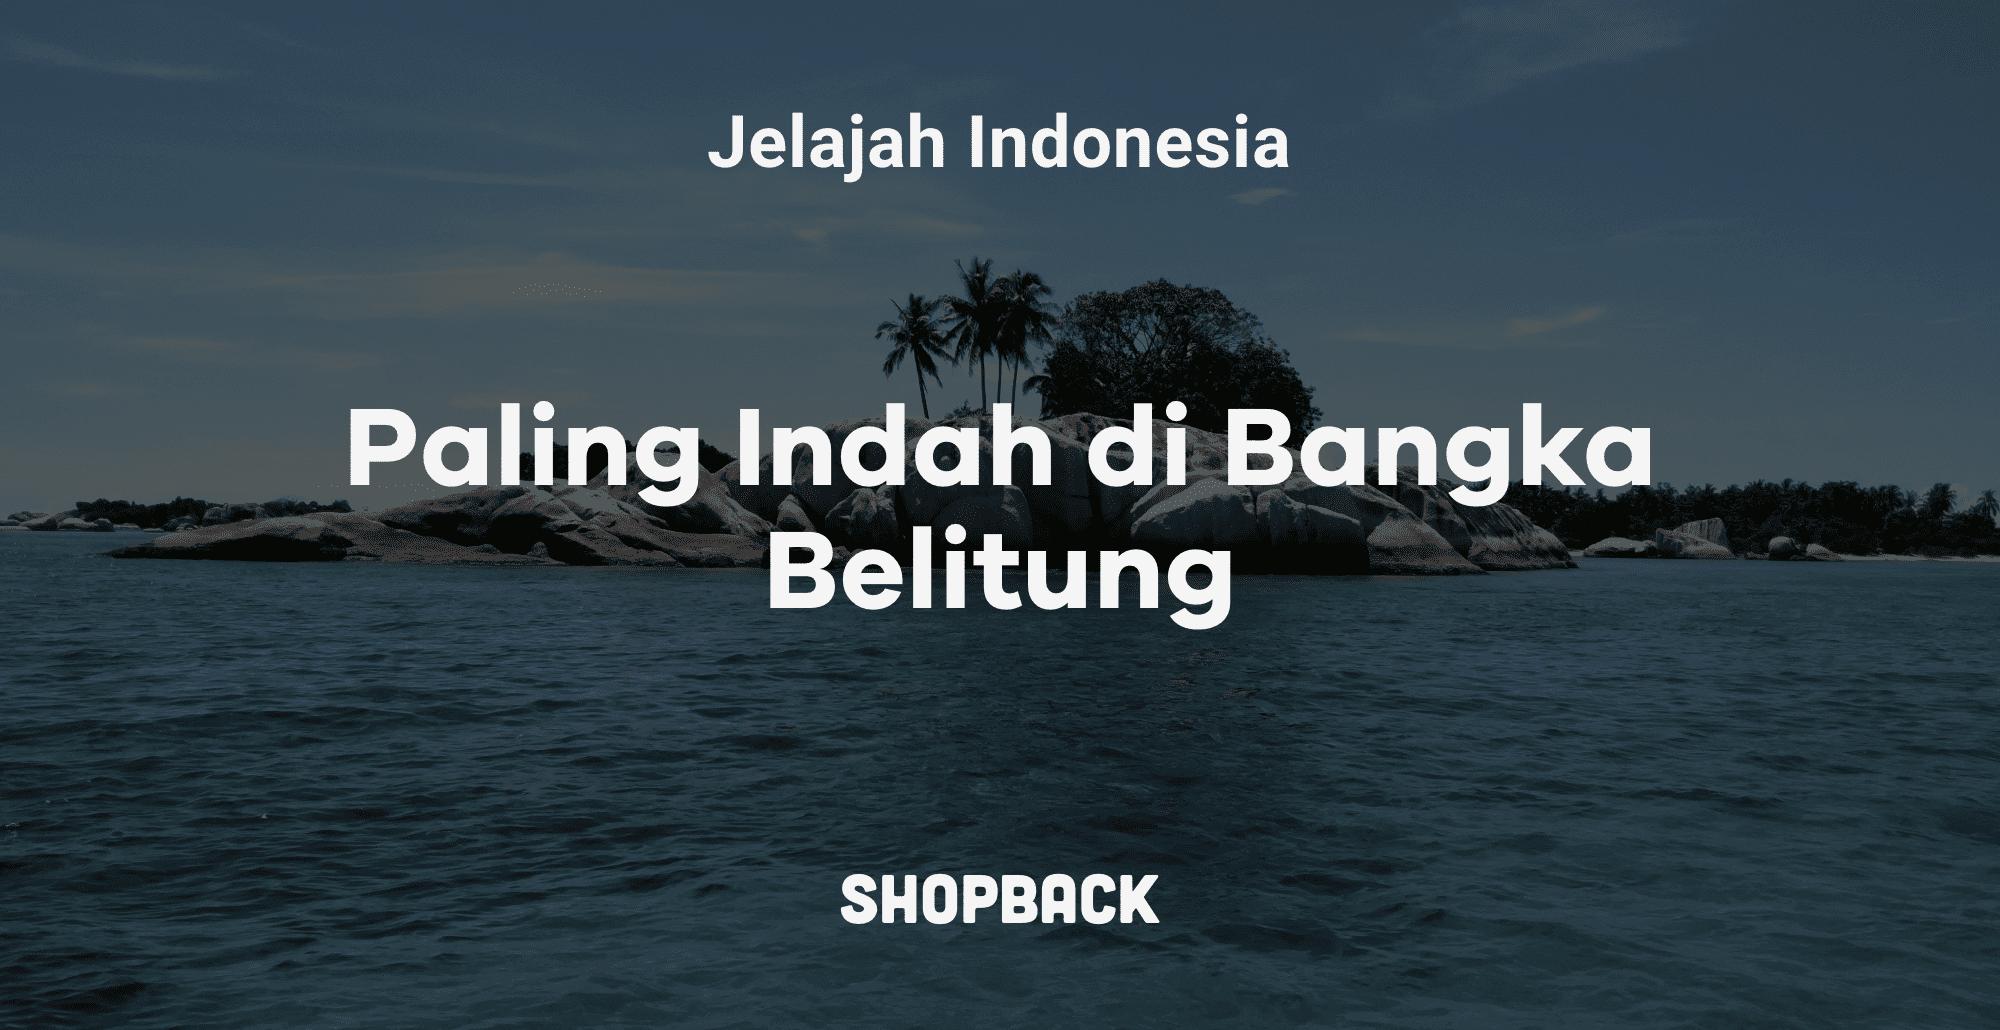 12 Destinasi Wisata Bangka Belitung Eksplor Pantai Danau